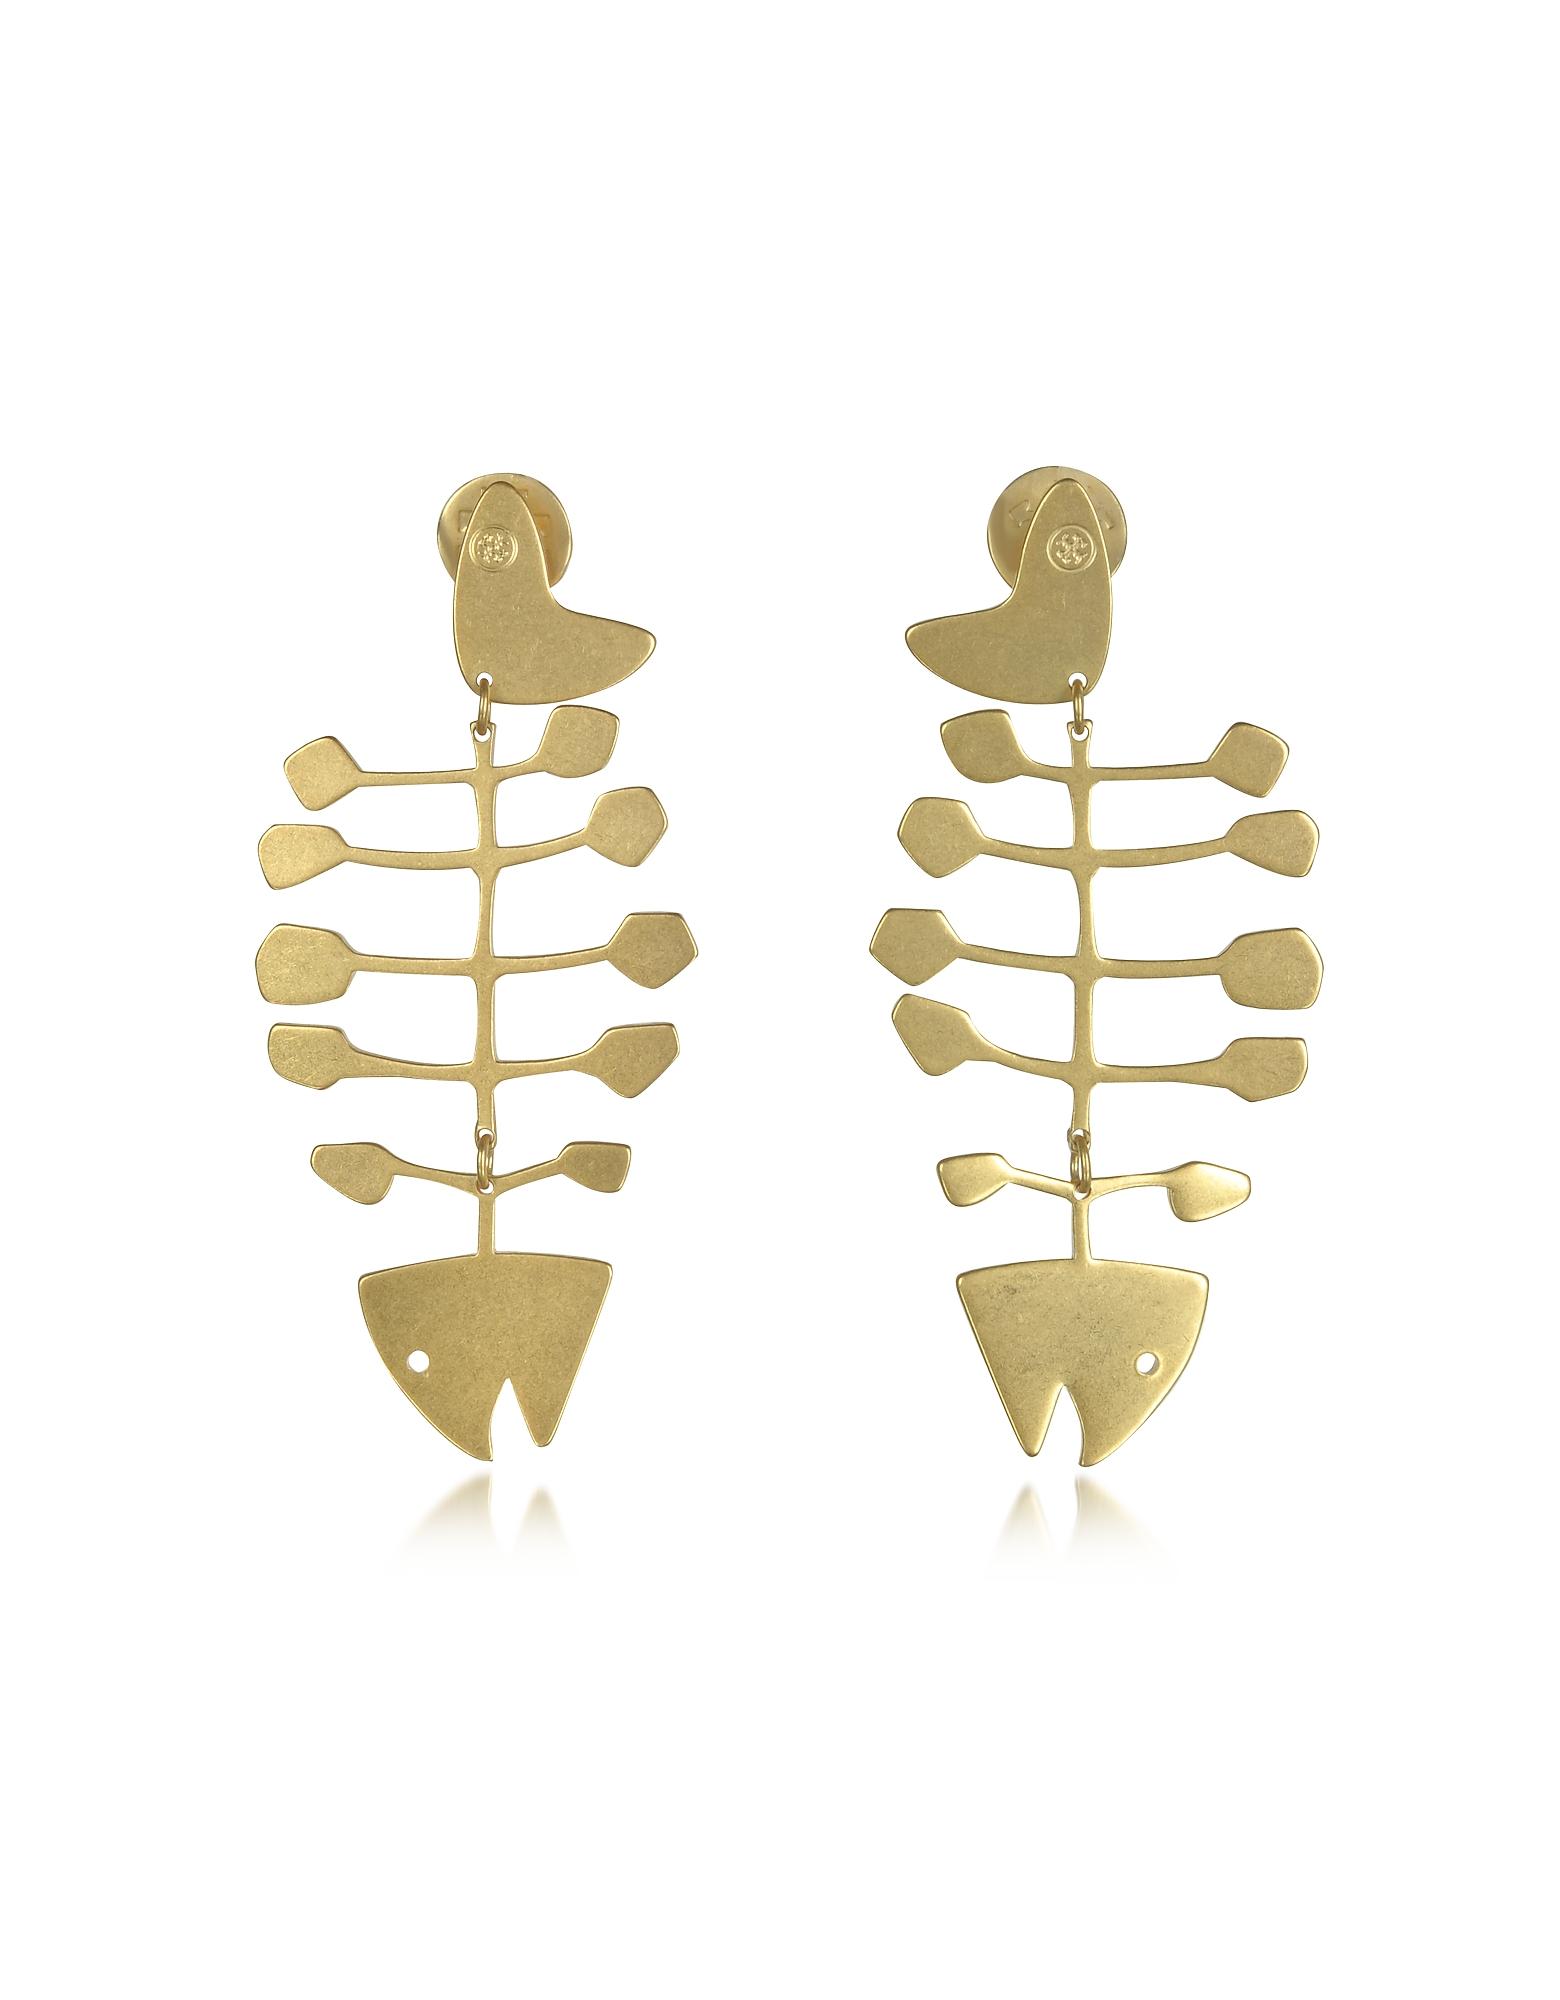 Tory Burch Винтажные Золотистые Серьги из Меди в Форме Рыбьего Скелета